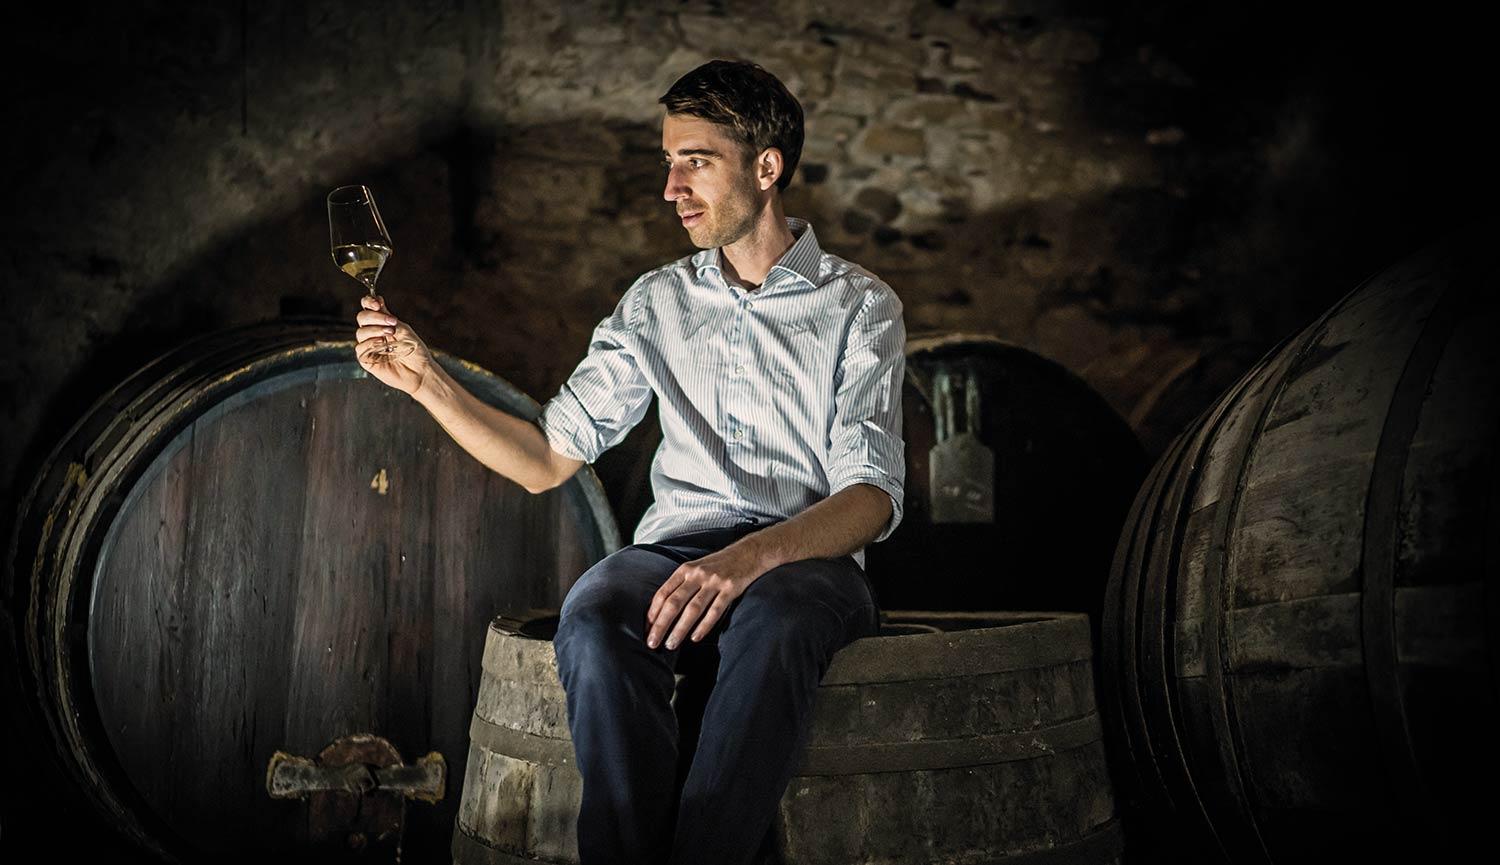 Weingut Baron Longo